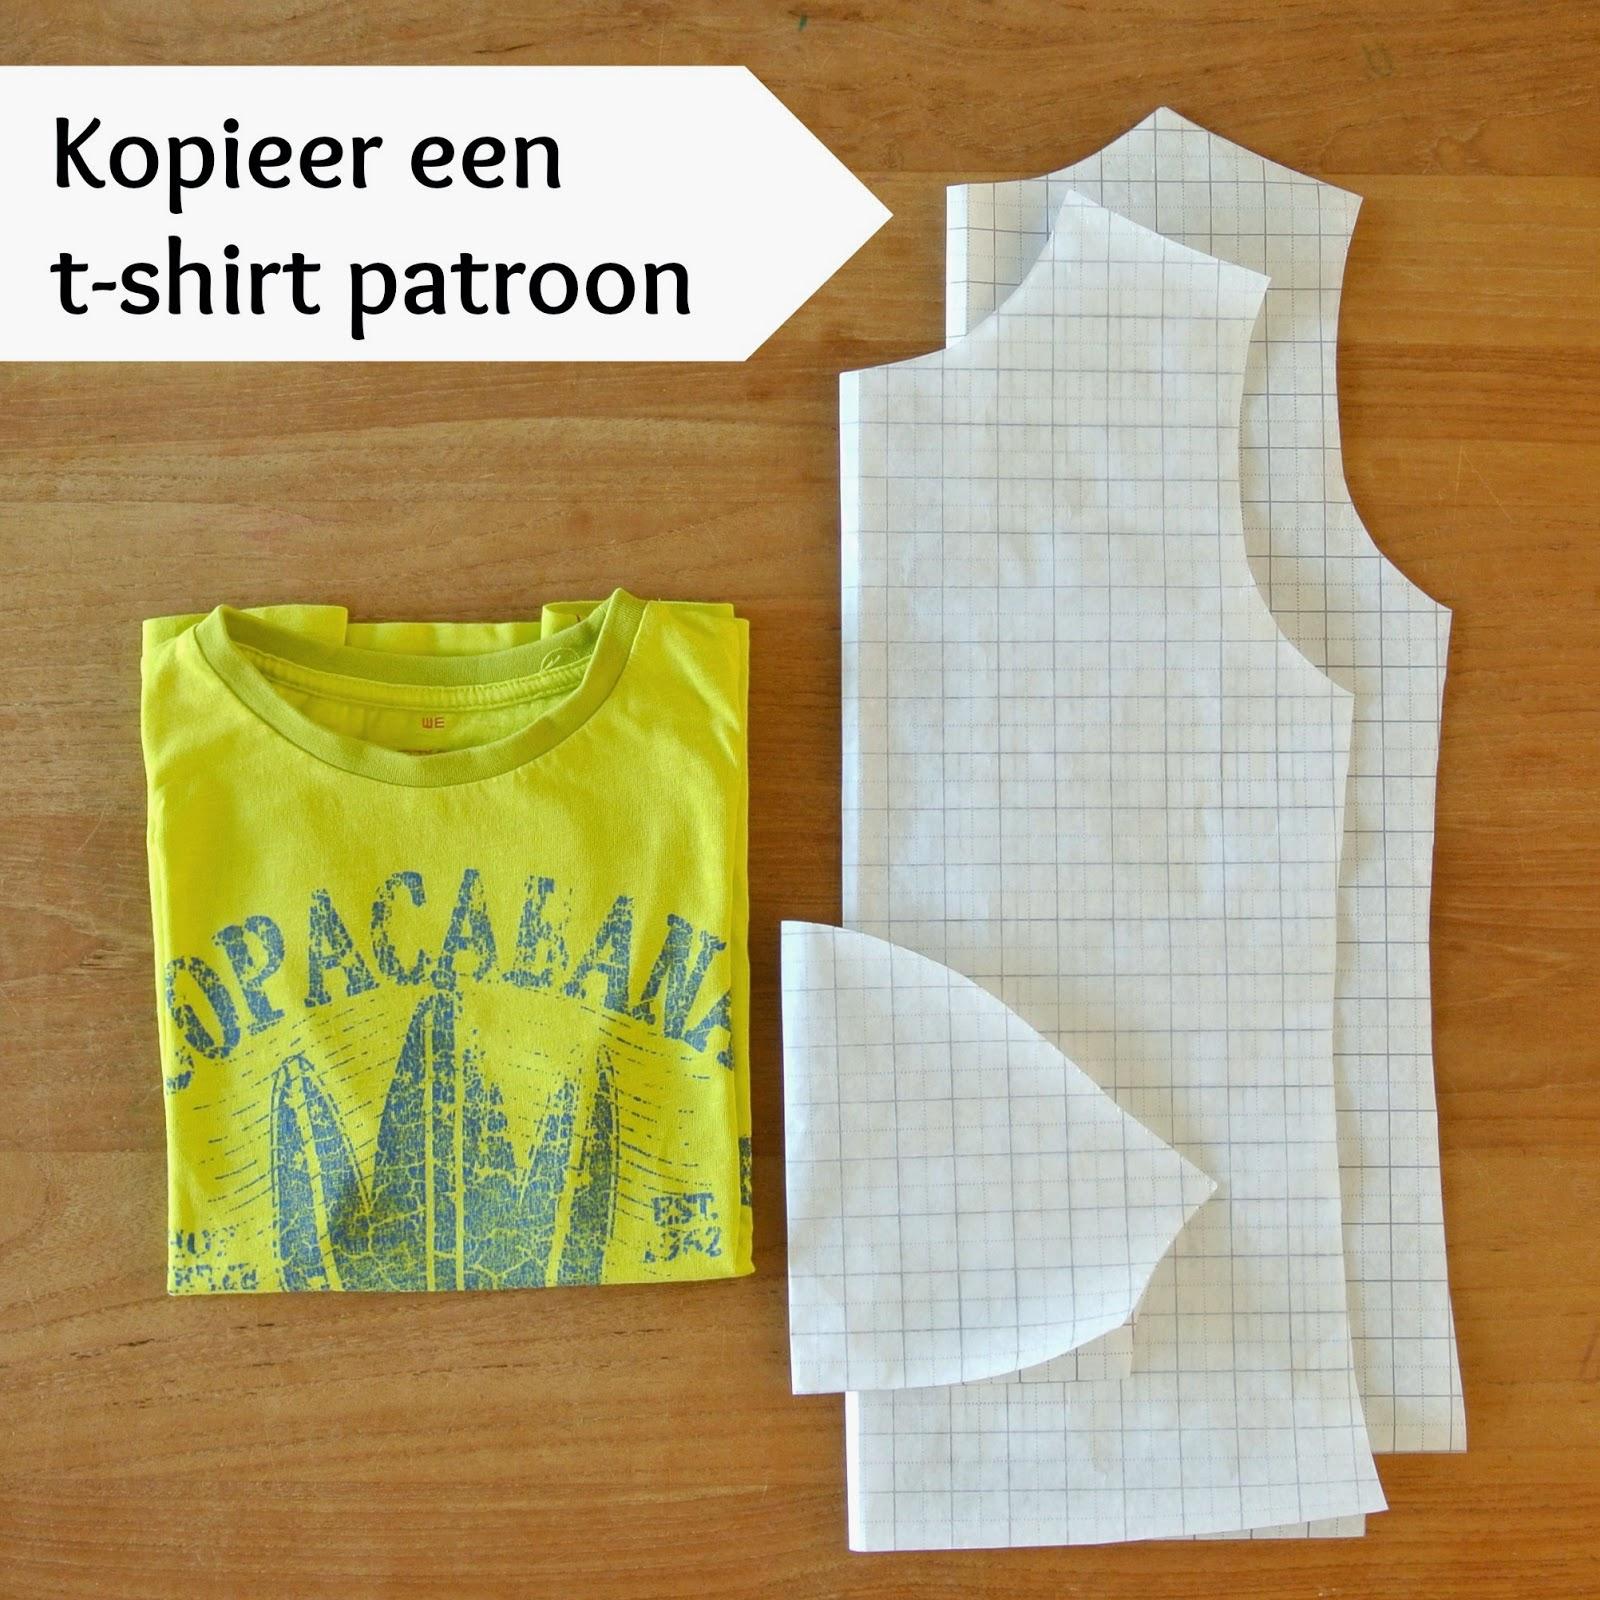 zelf tshirt maken